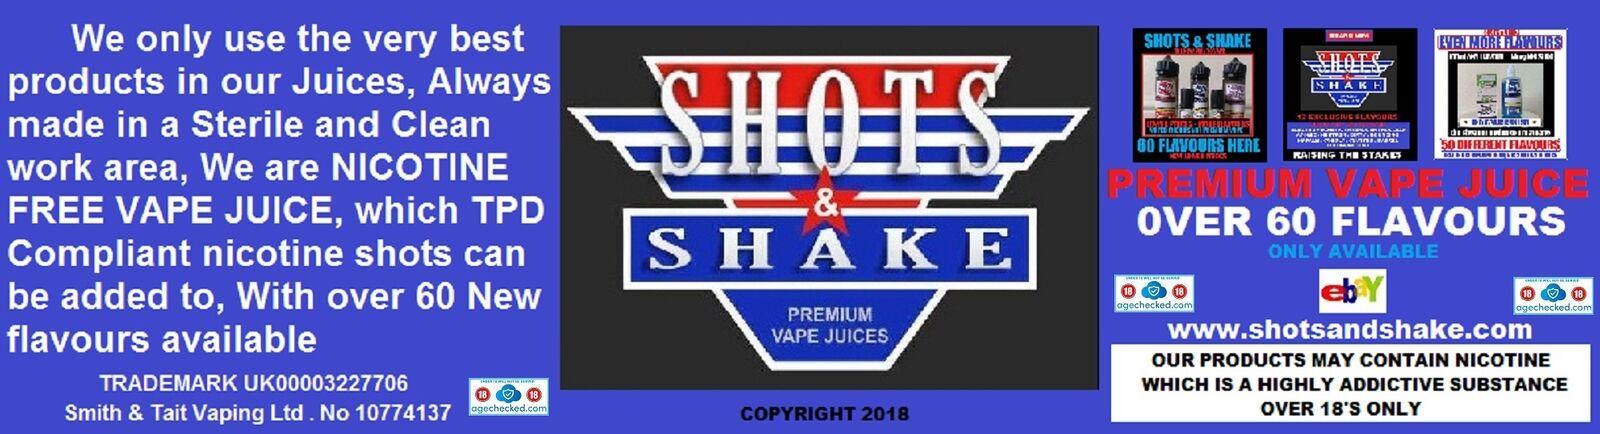 Shot/s & Shake